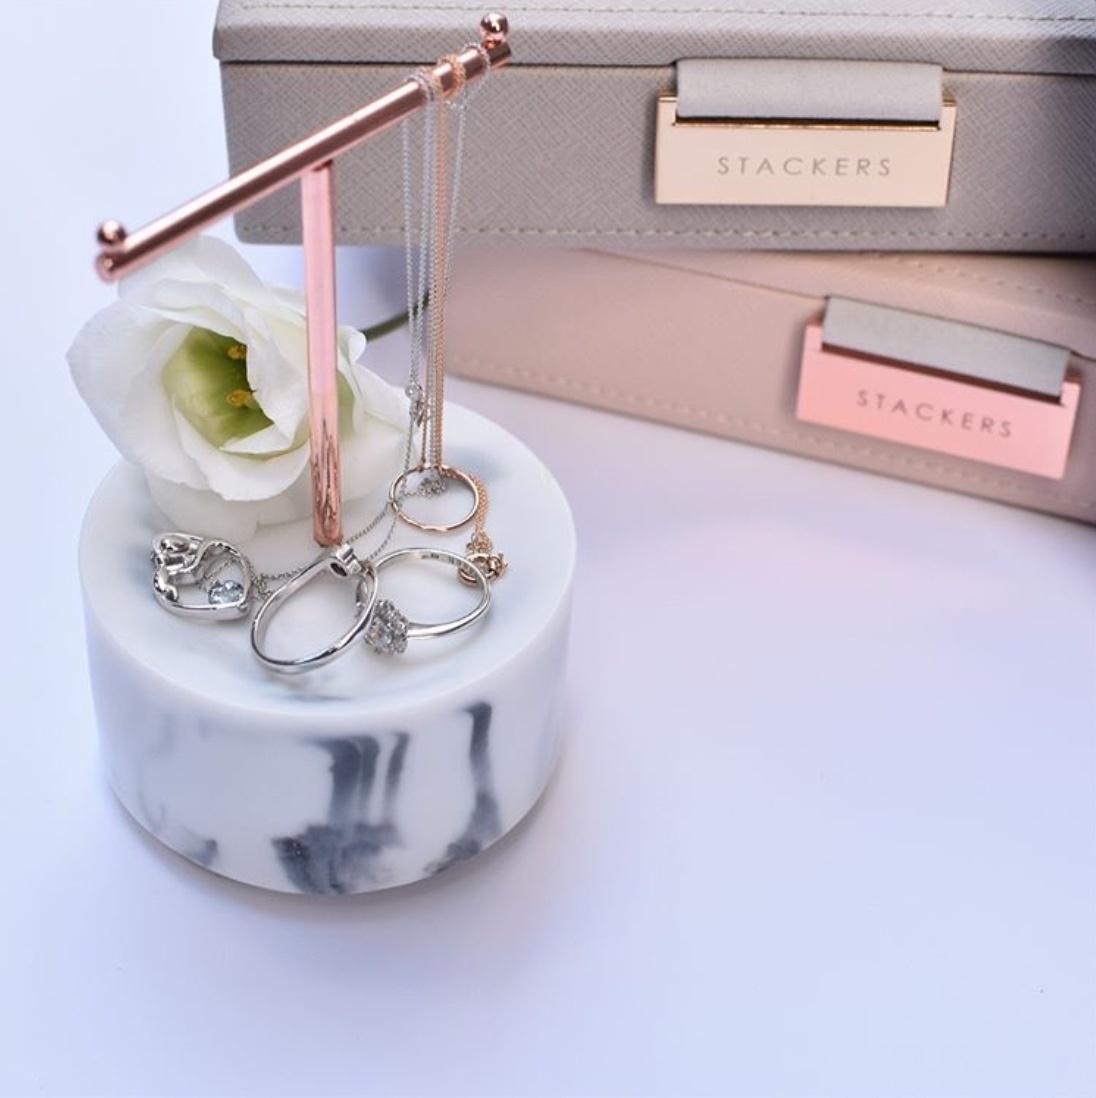 jewellery storage ideas